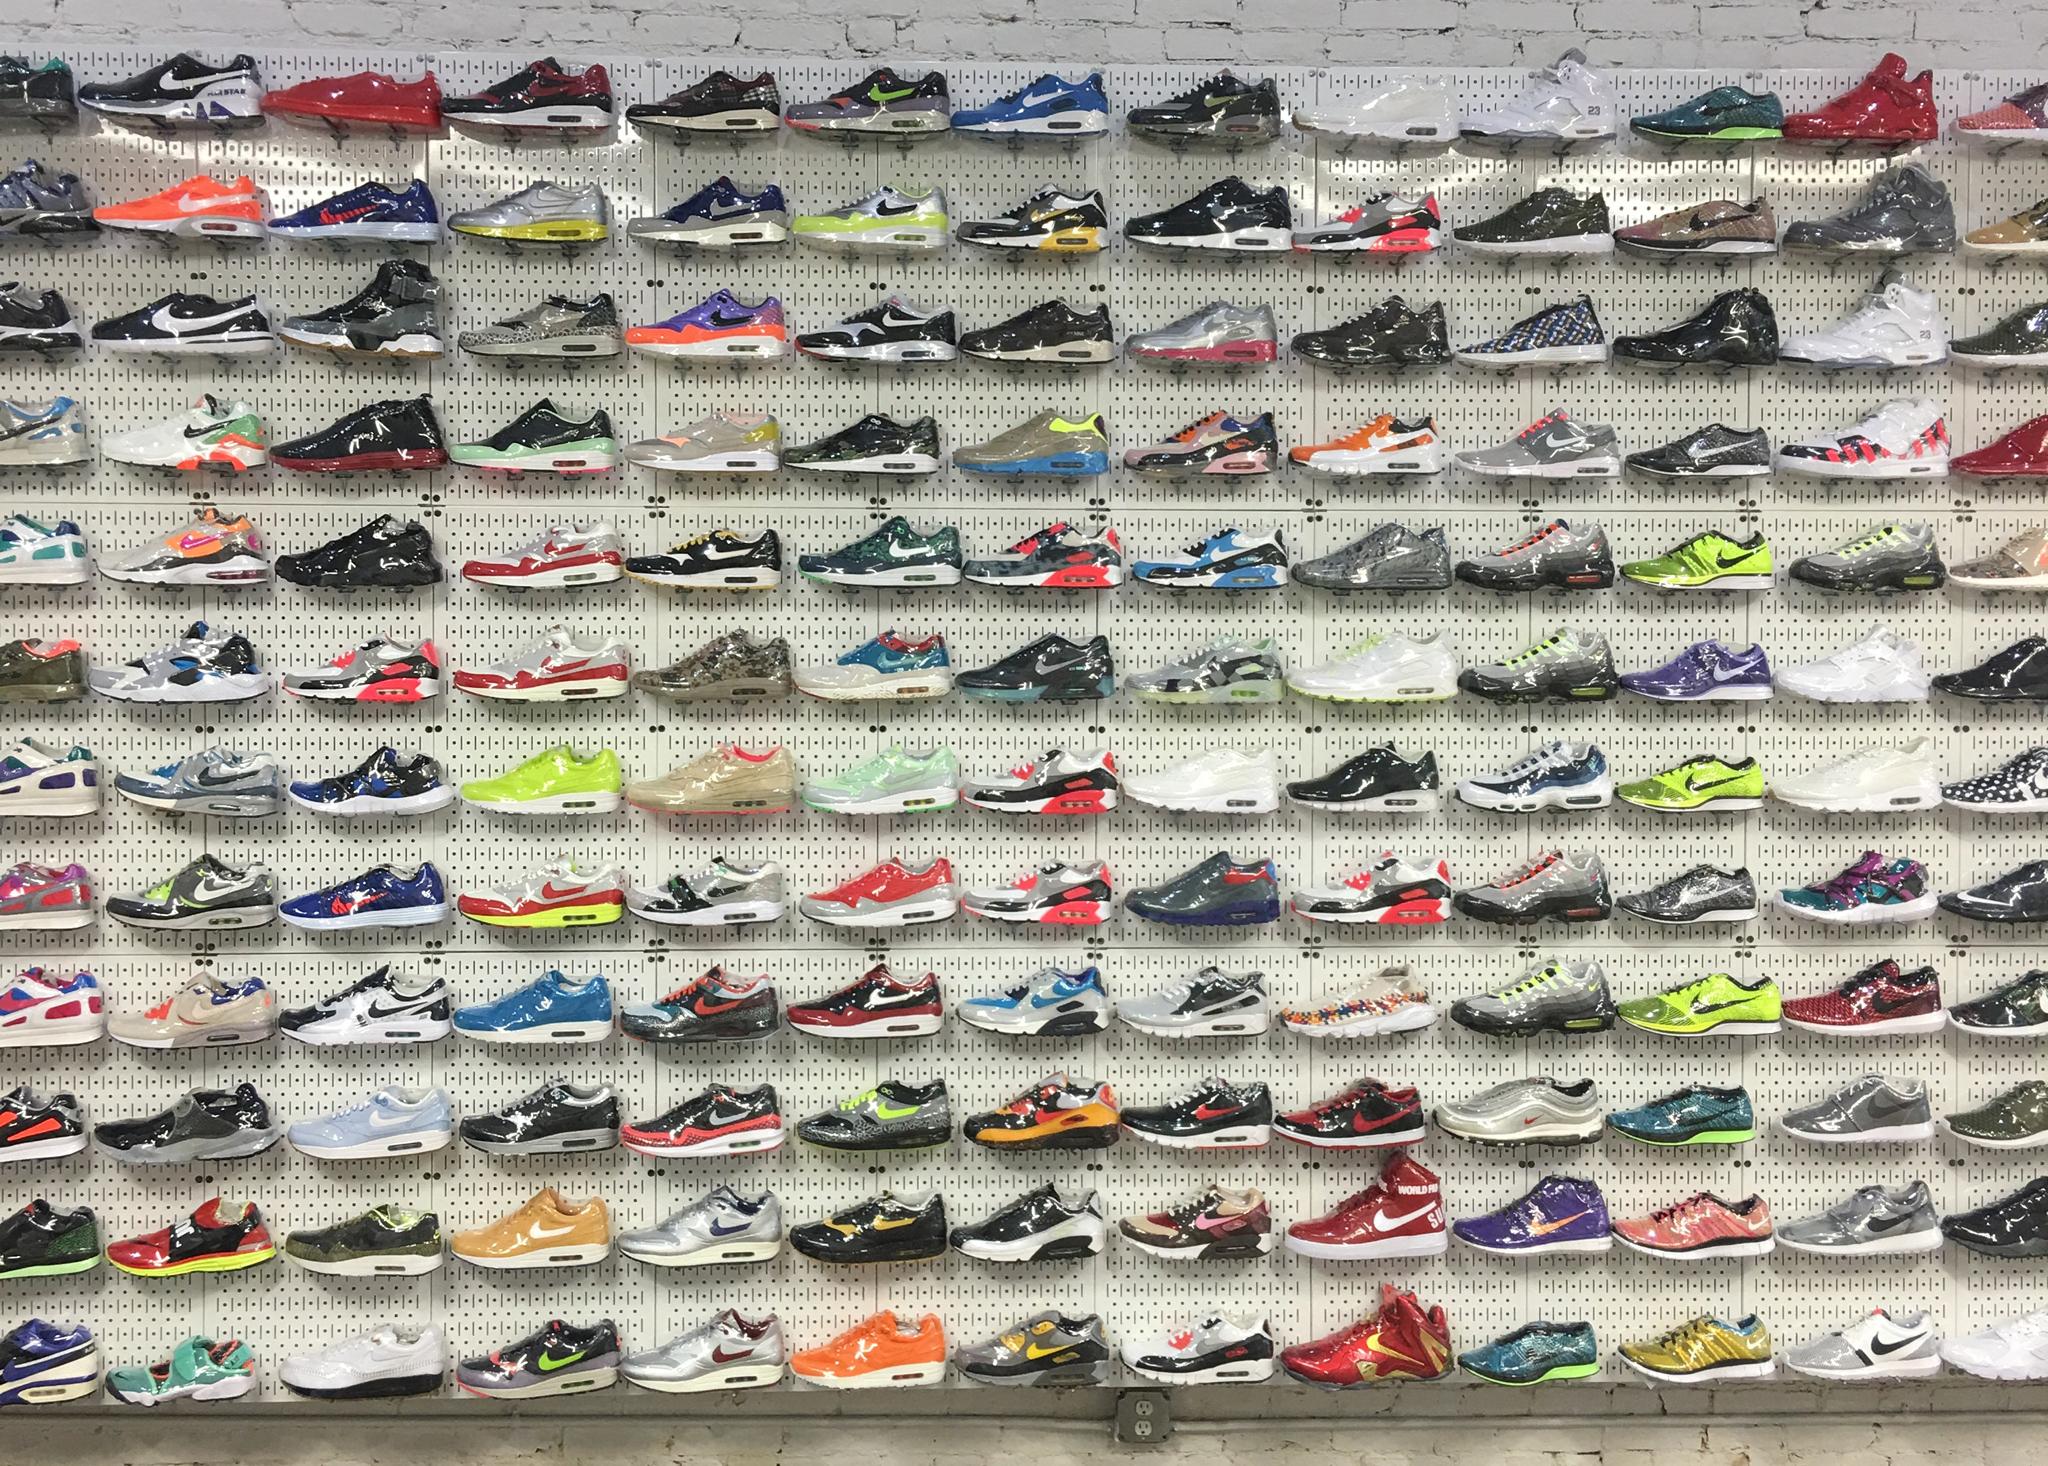 Stadium Goods Opens in SoHo – WWD